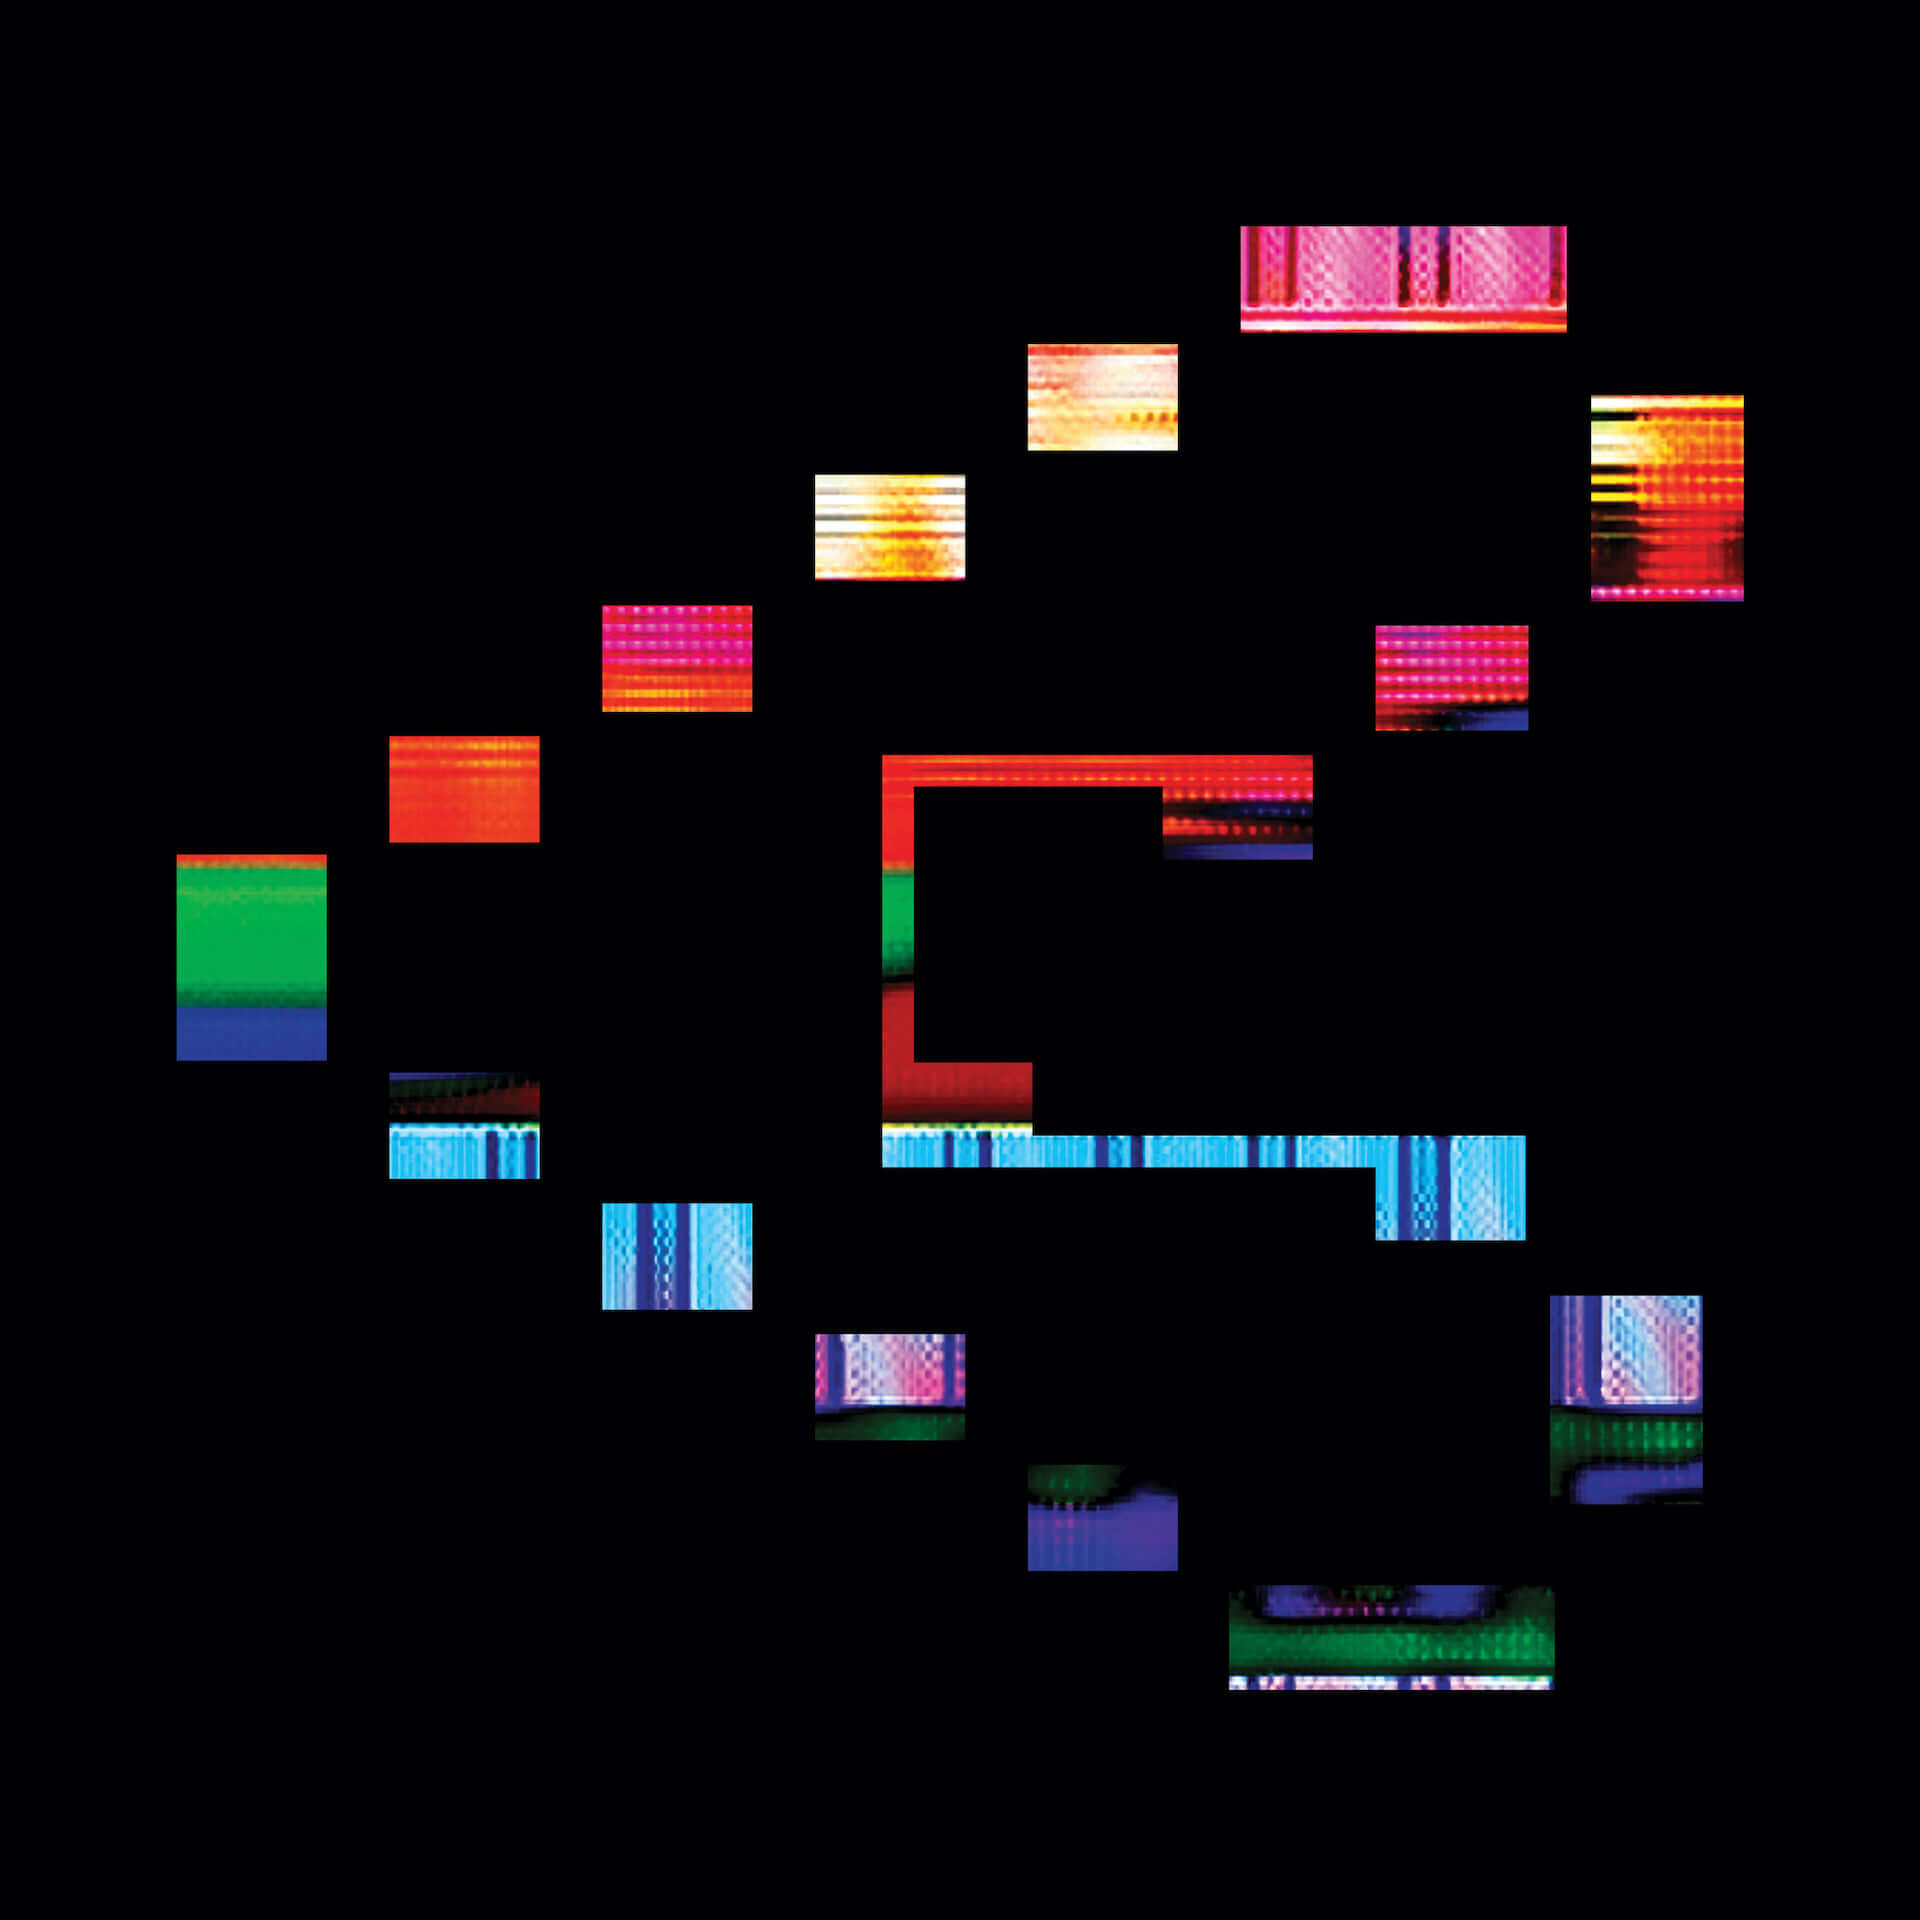 """破壊的映像の制作過程が明らかに!Rhizomatiksの真鍋大度が監督したスクエアプッシャー""""Terminal Slam""""のミュージックビデオ特設ページが公開 music200228_squarepusher_15-1920x1920"""